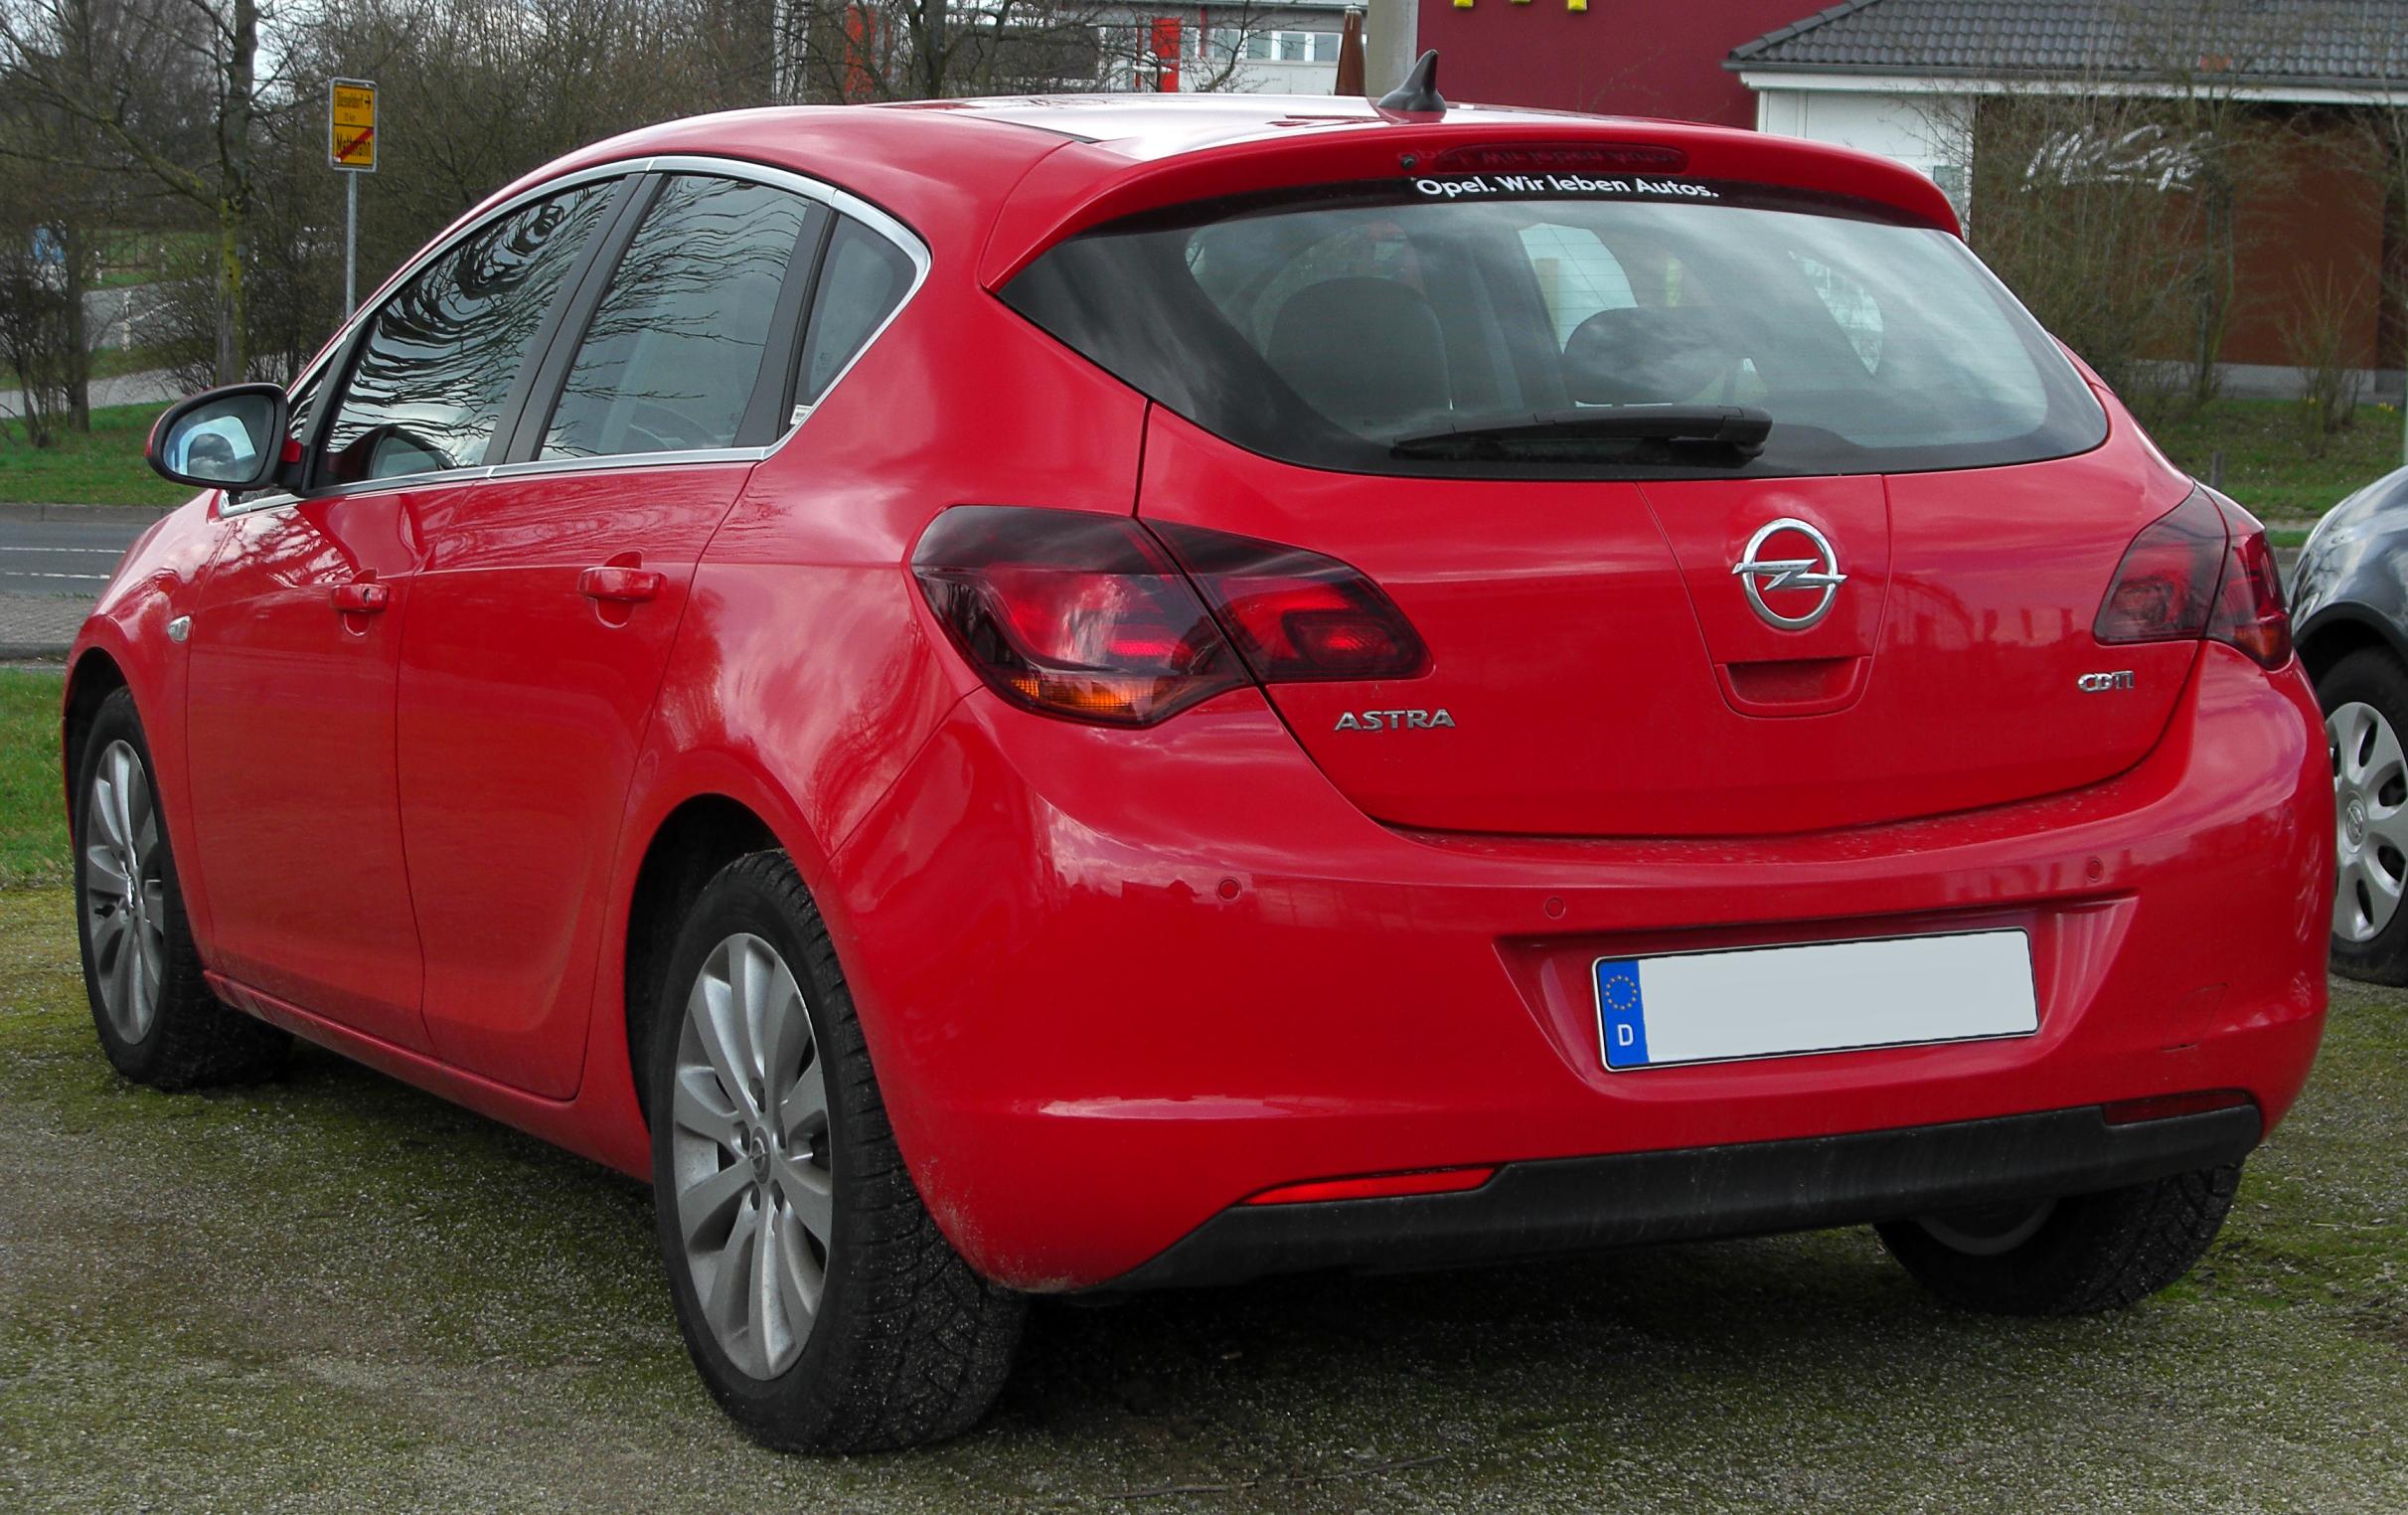 Schema Elettrico Opel Astra F : Schema elettrico opel astra f connettore tergicristalli